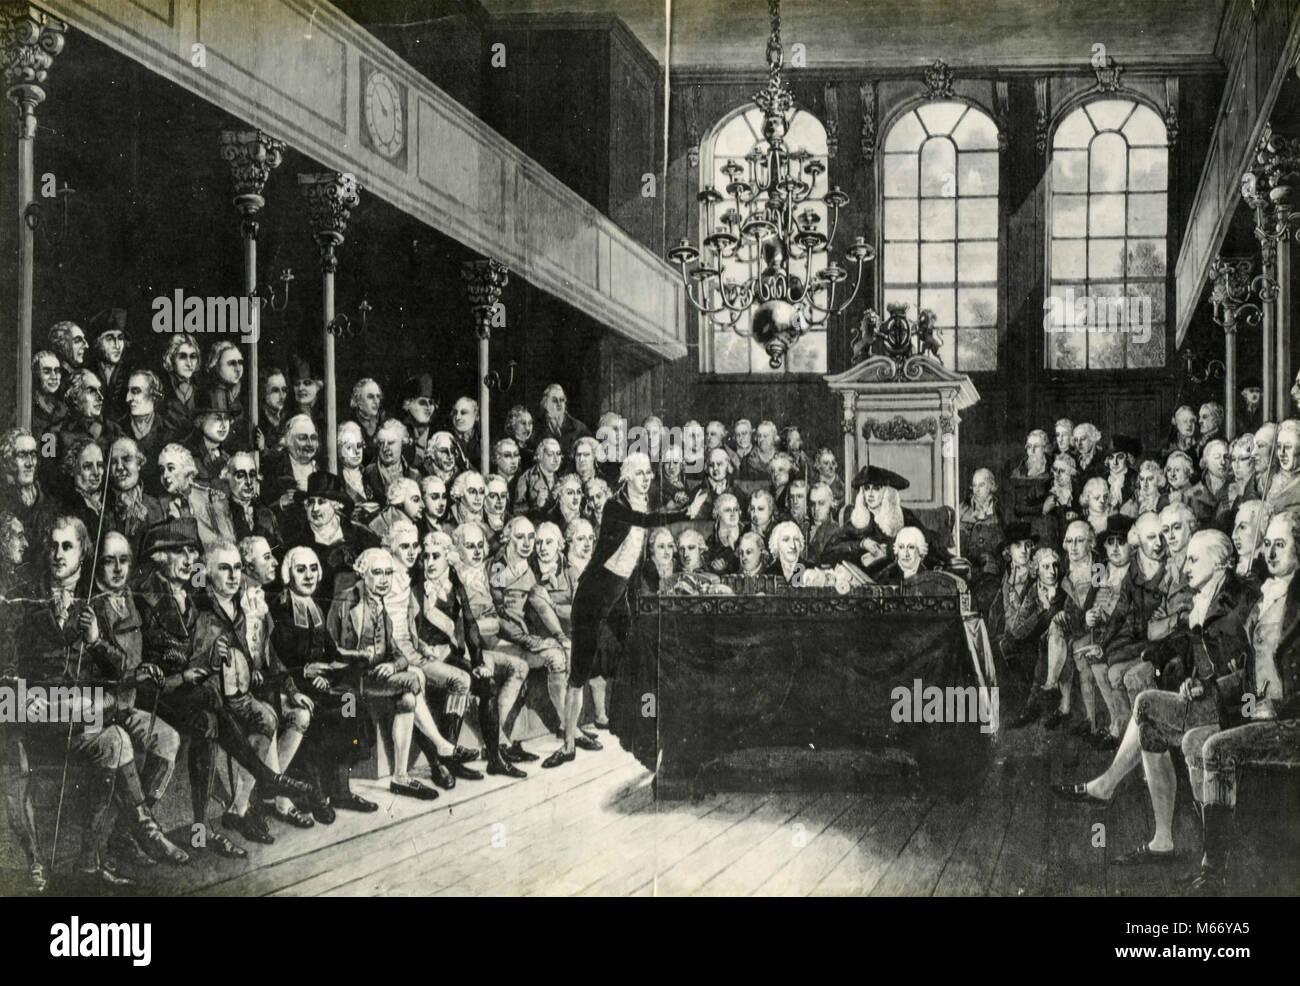 William Pitt addressing the House, UK 1793 - Stock Image